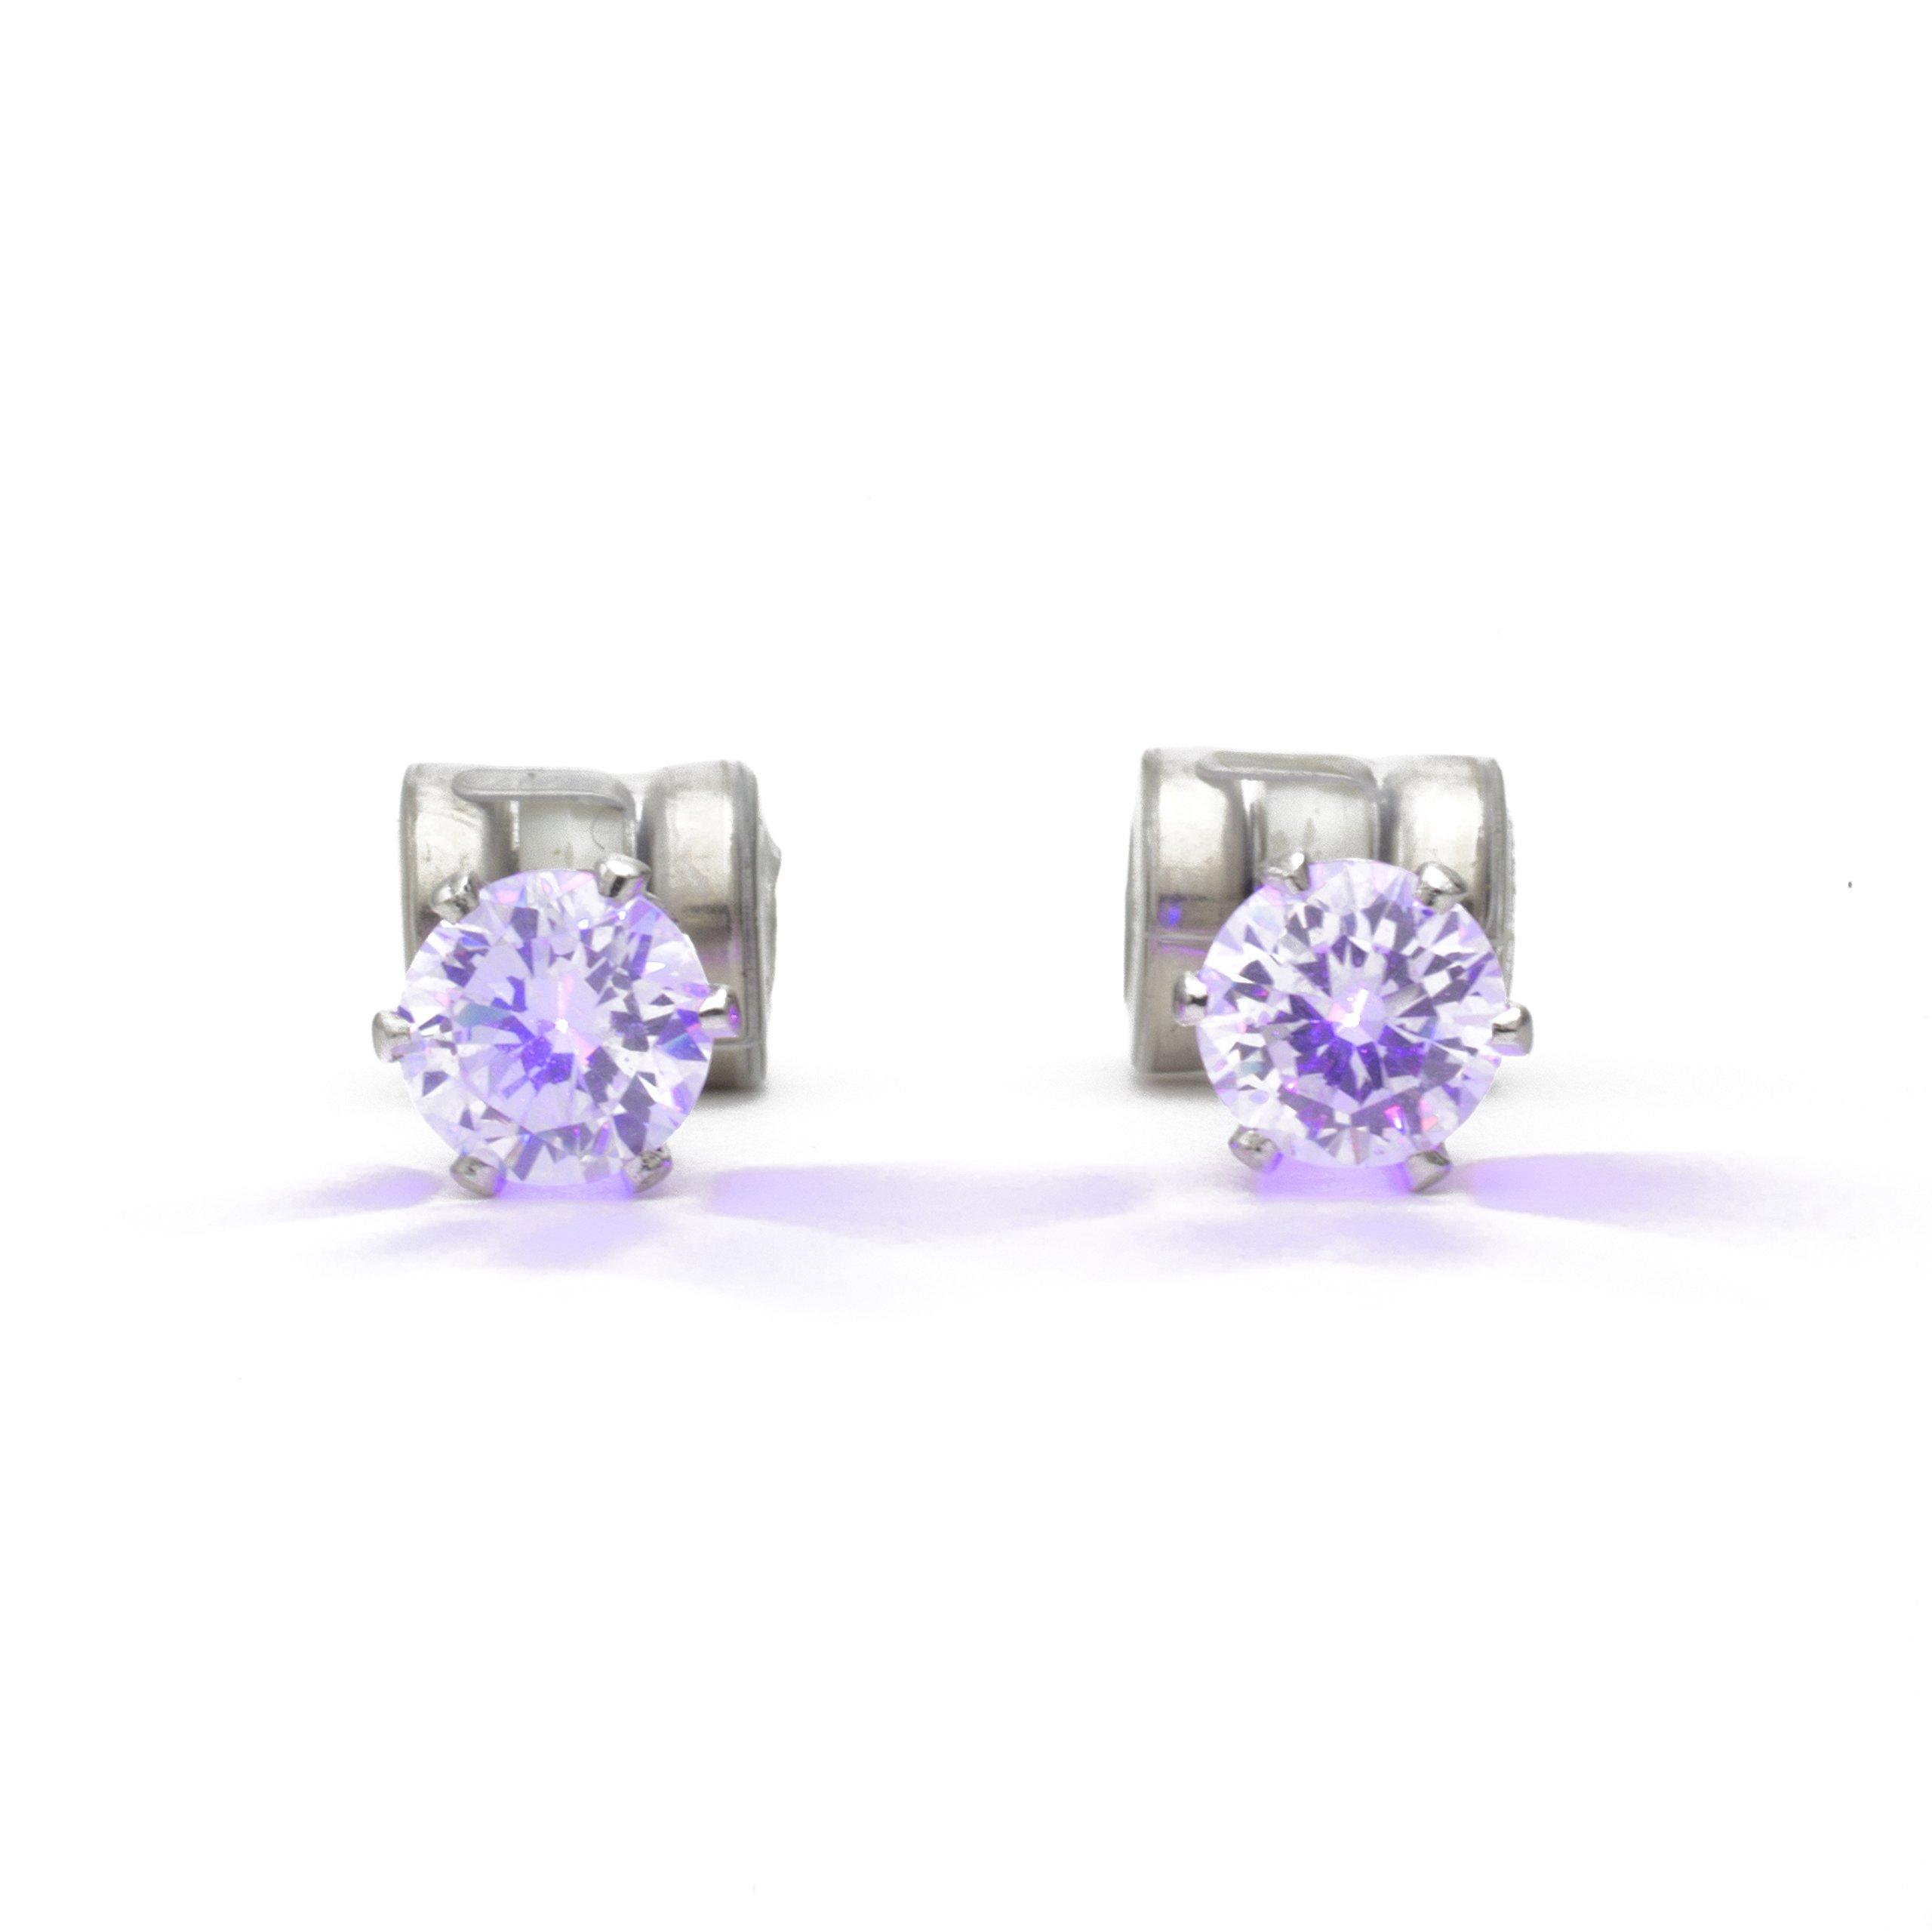 Original Night Ice LED Earrings (Purple)